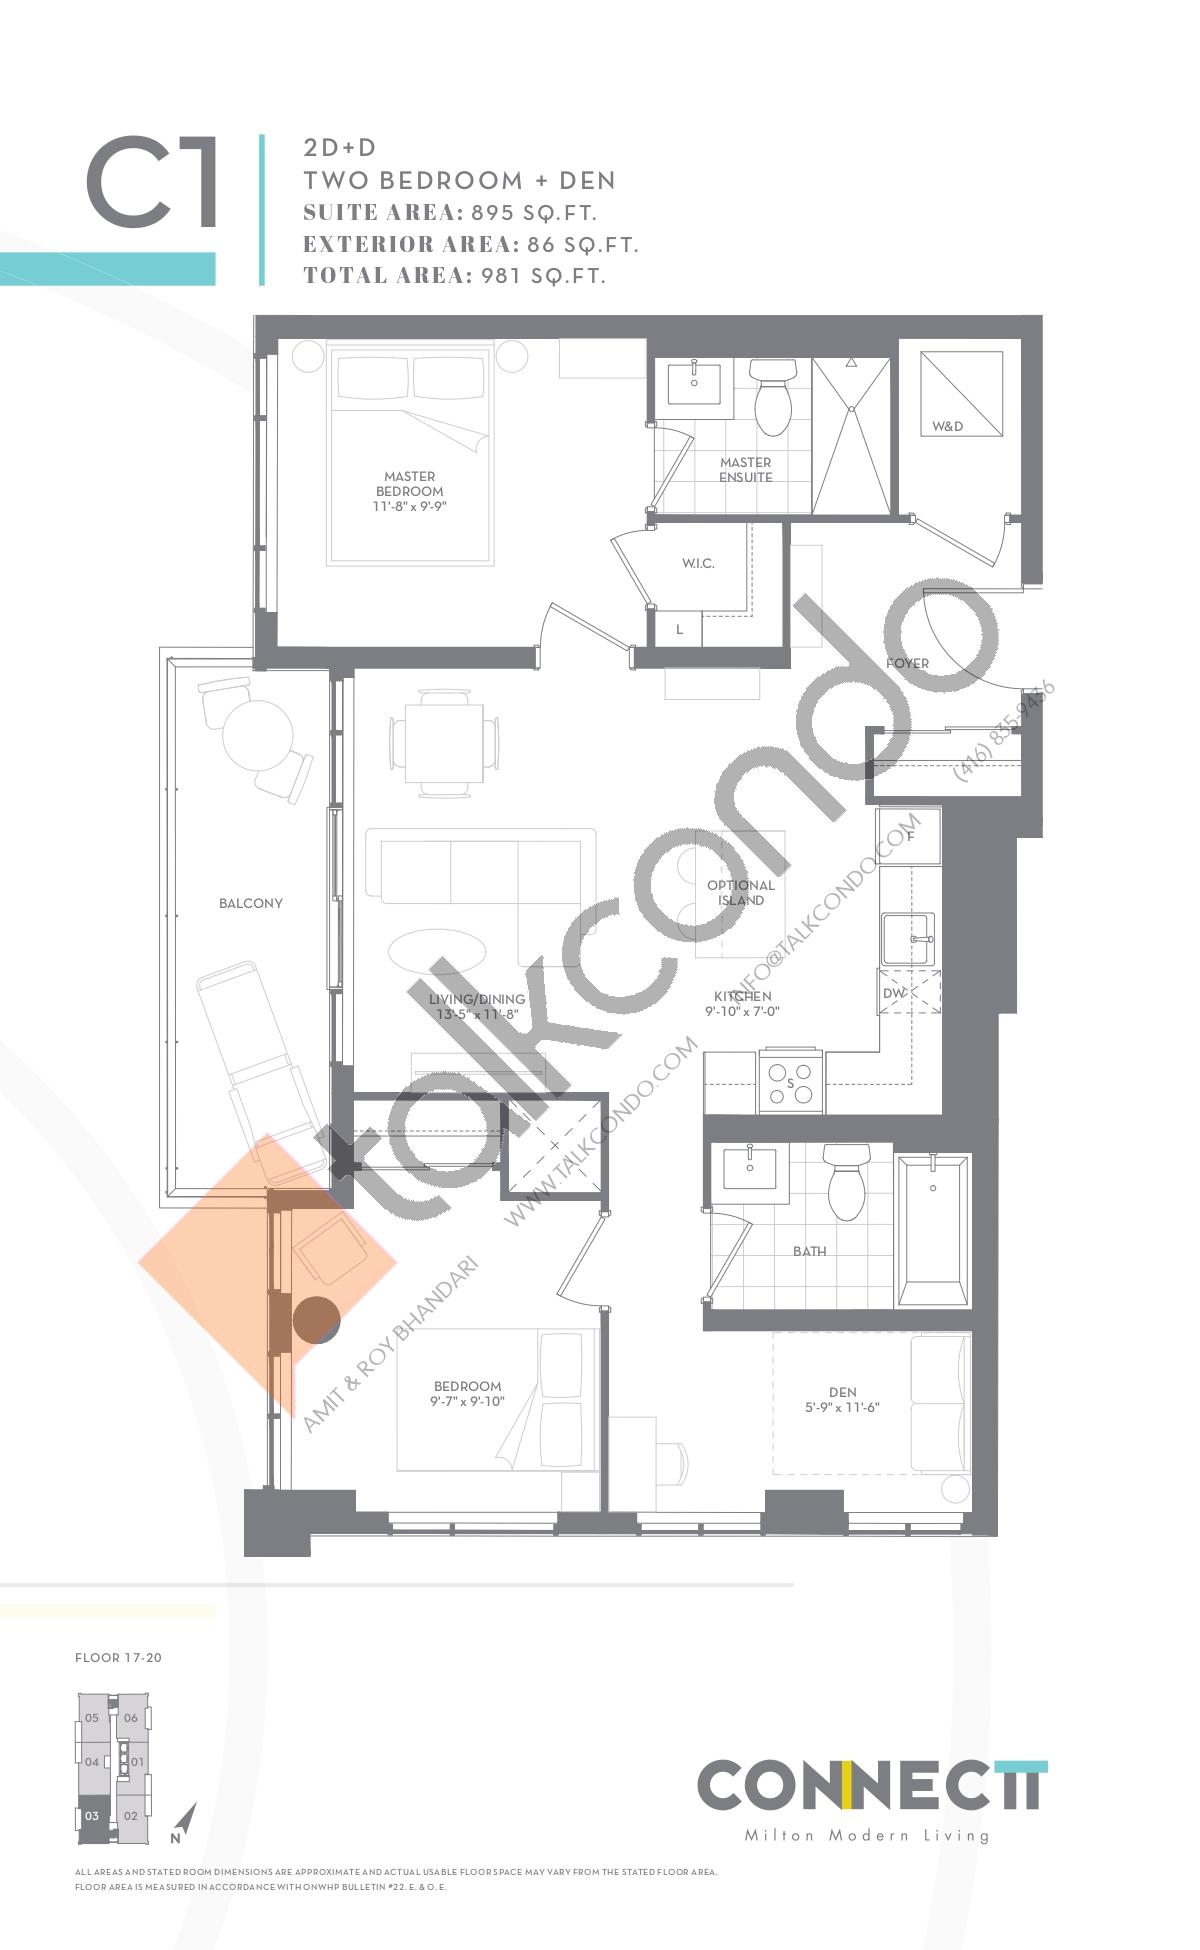 2D+D Floor Plan at Connectt Urban Community Condos - 895 sq.ft